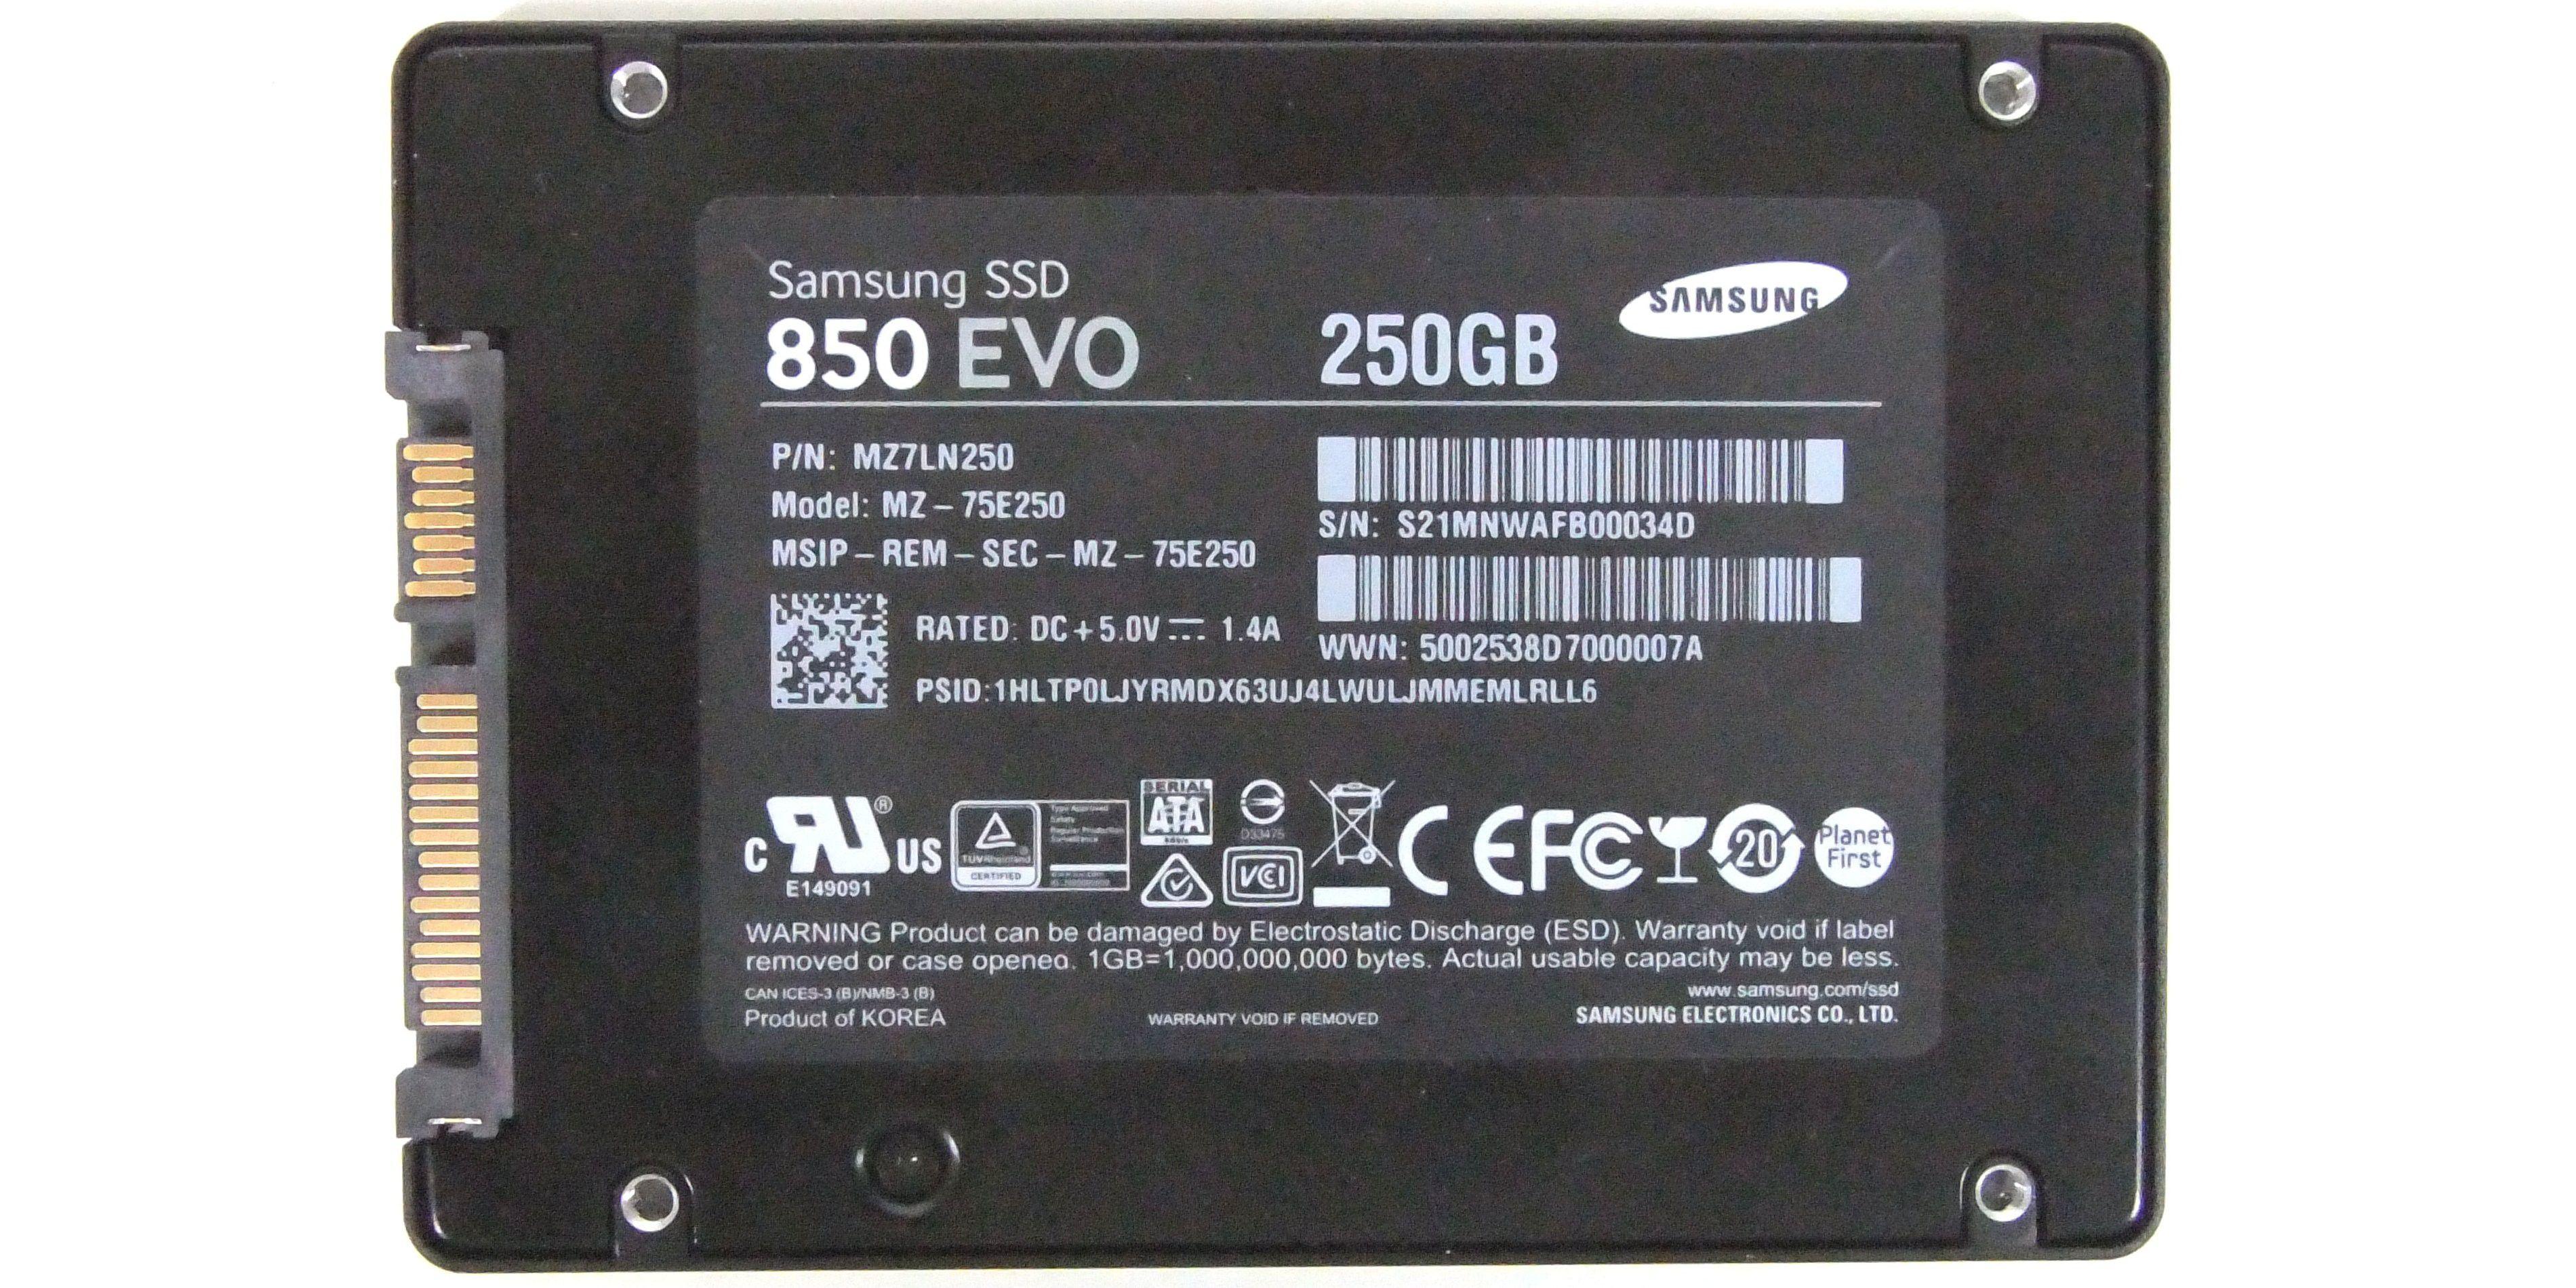 Samsung Ssd 850 Evo 250gb Im Test Pc Welt M2 Vergrern